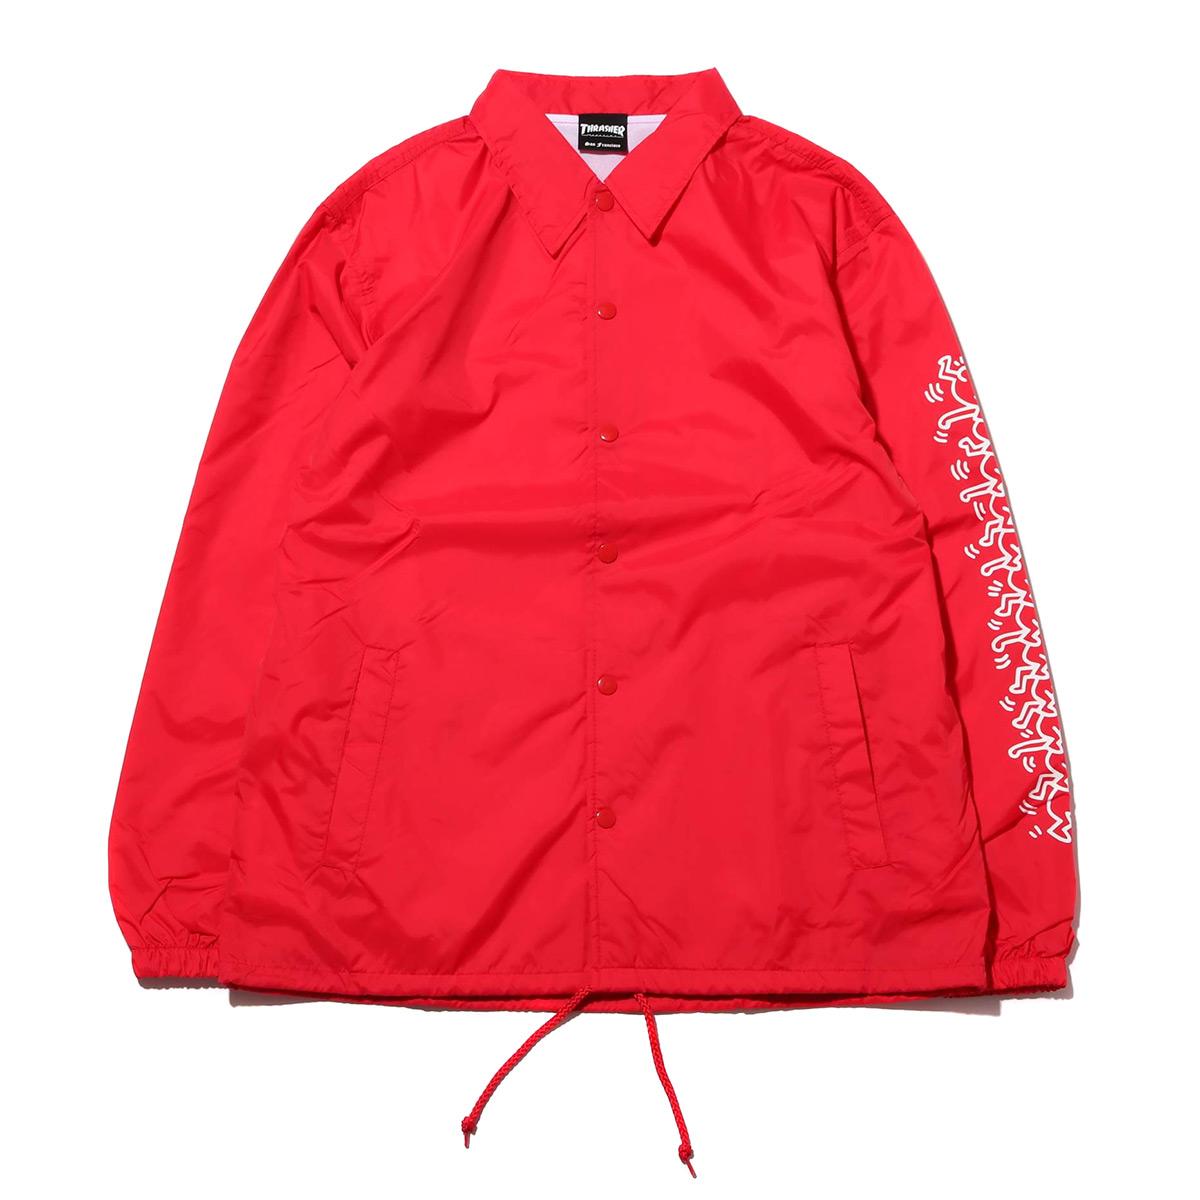 THRASHER x Keith Haring Coach Jacket(RED)(スラッシャー キースへリング コーチ ジャケット)【メンズ】【ジャケット】【18FW-I】